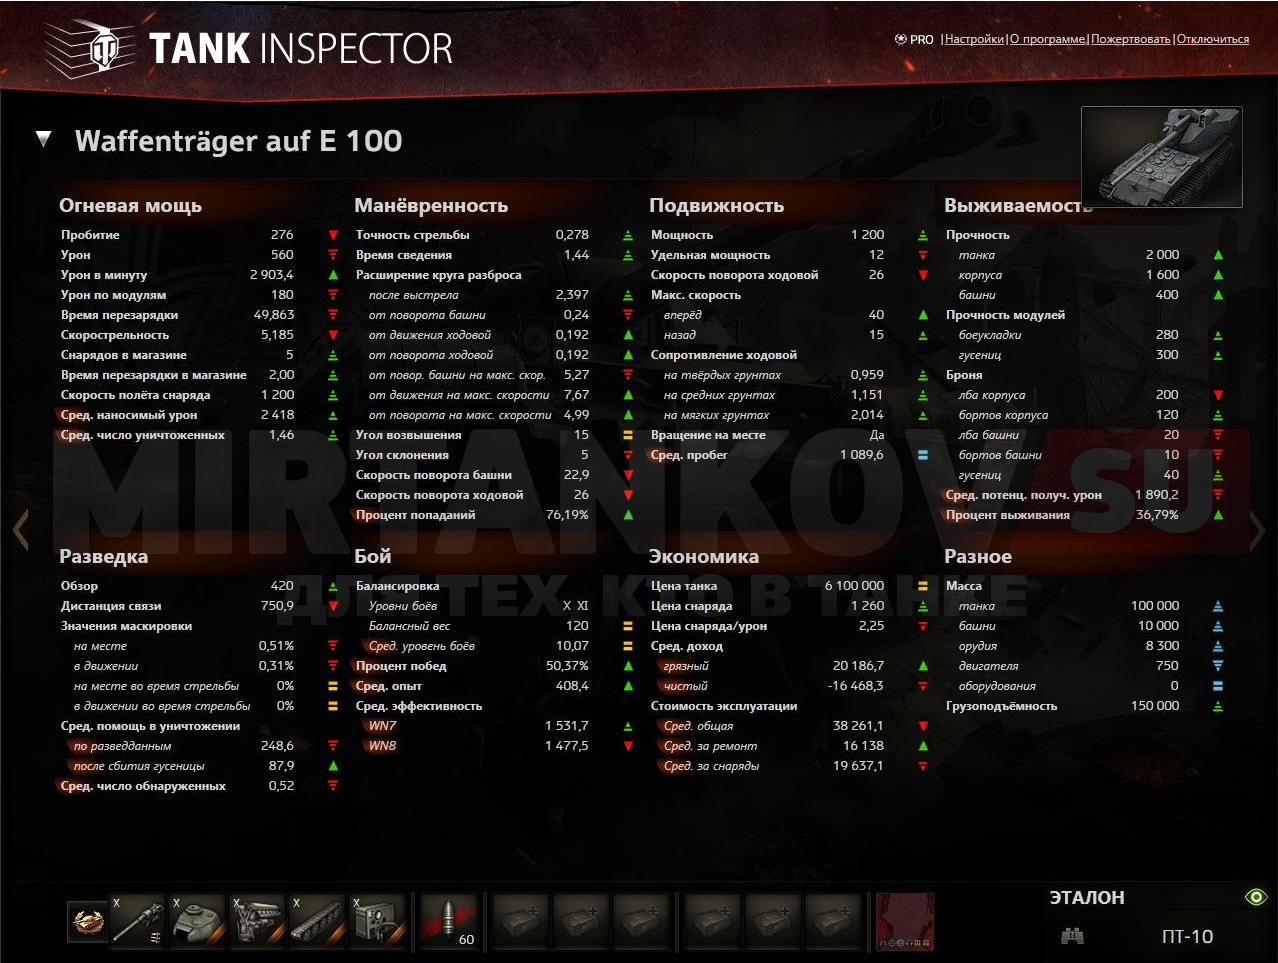 термобелье что обозначают цифры в уроне пушки в танках термобелье можно